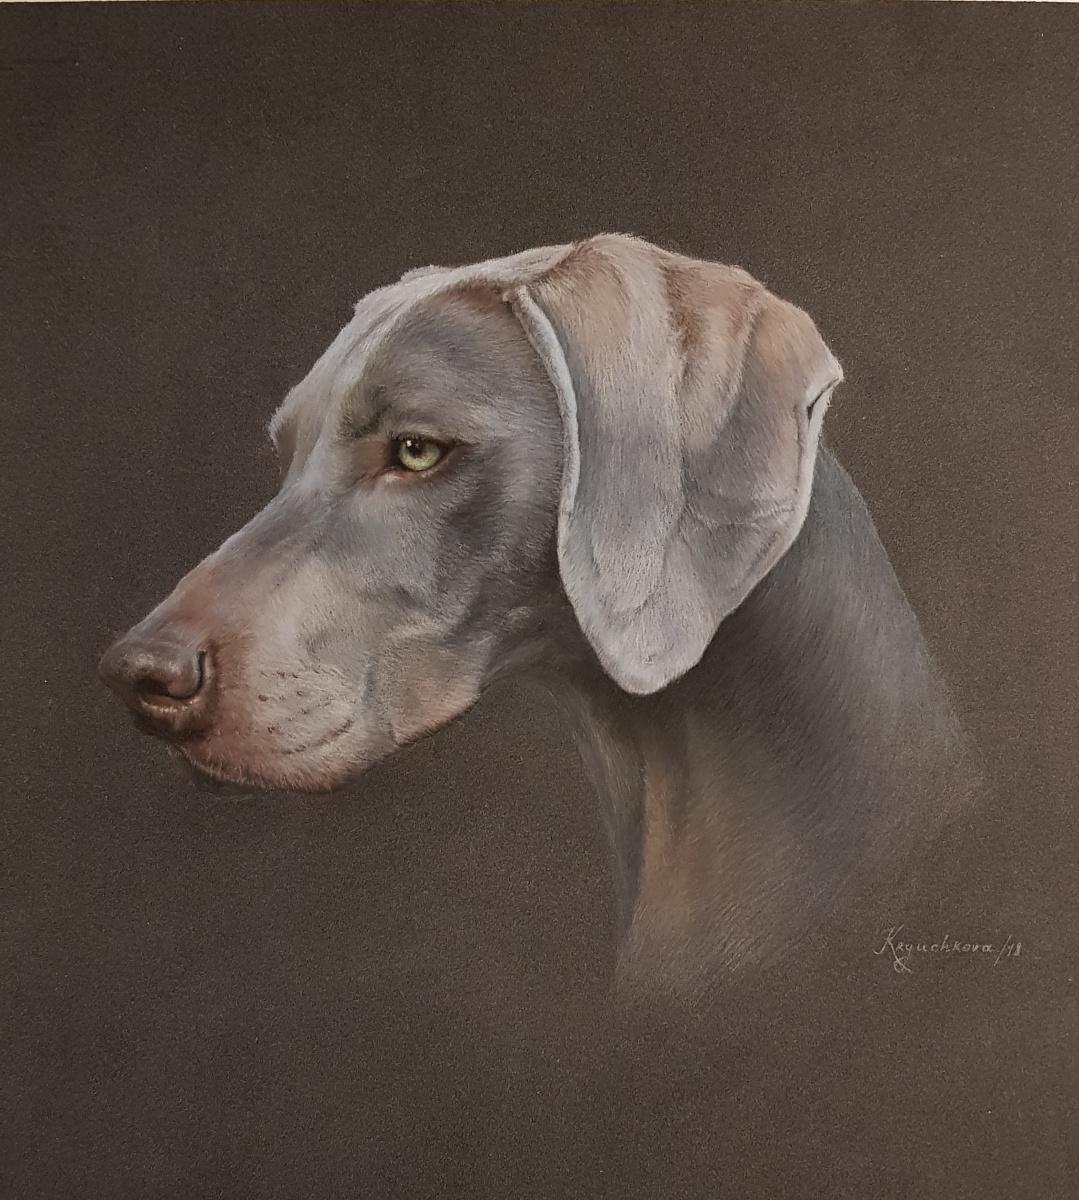 Irina Kryuchkov. Portrait of the Weimar Pointing Dog